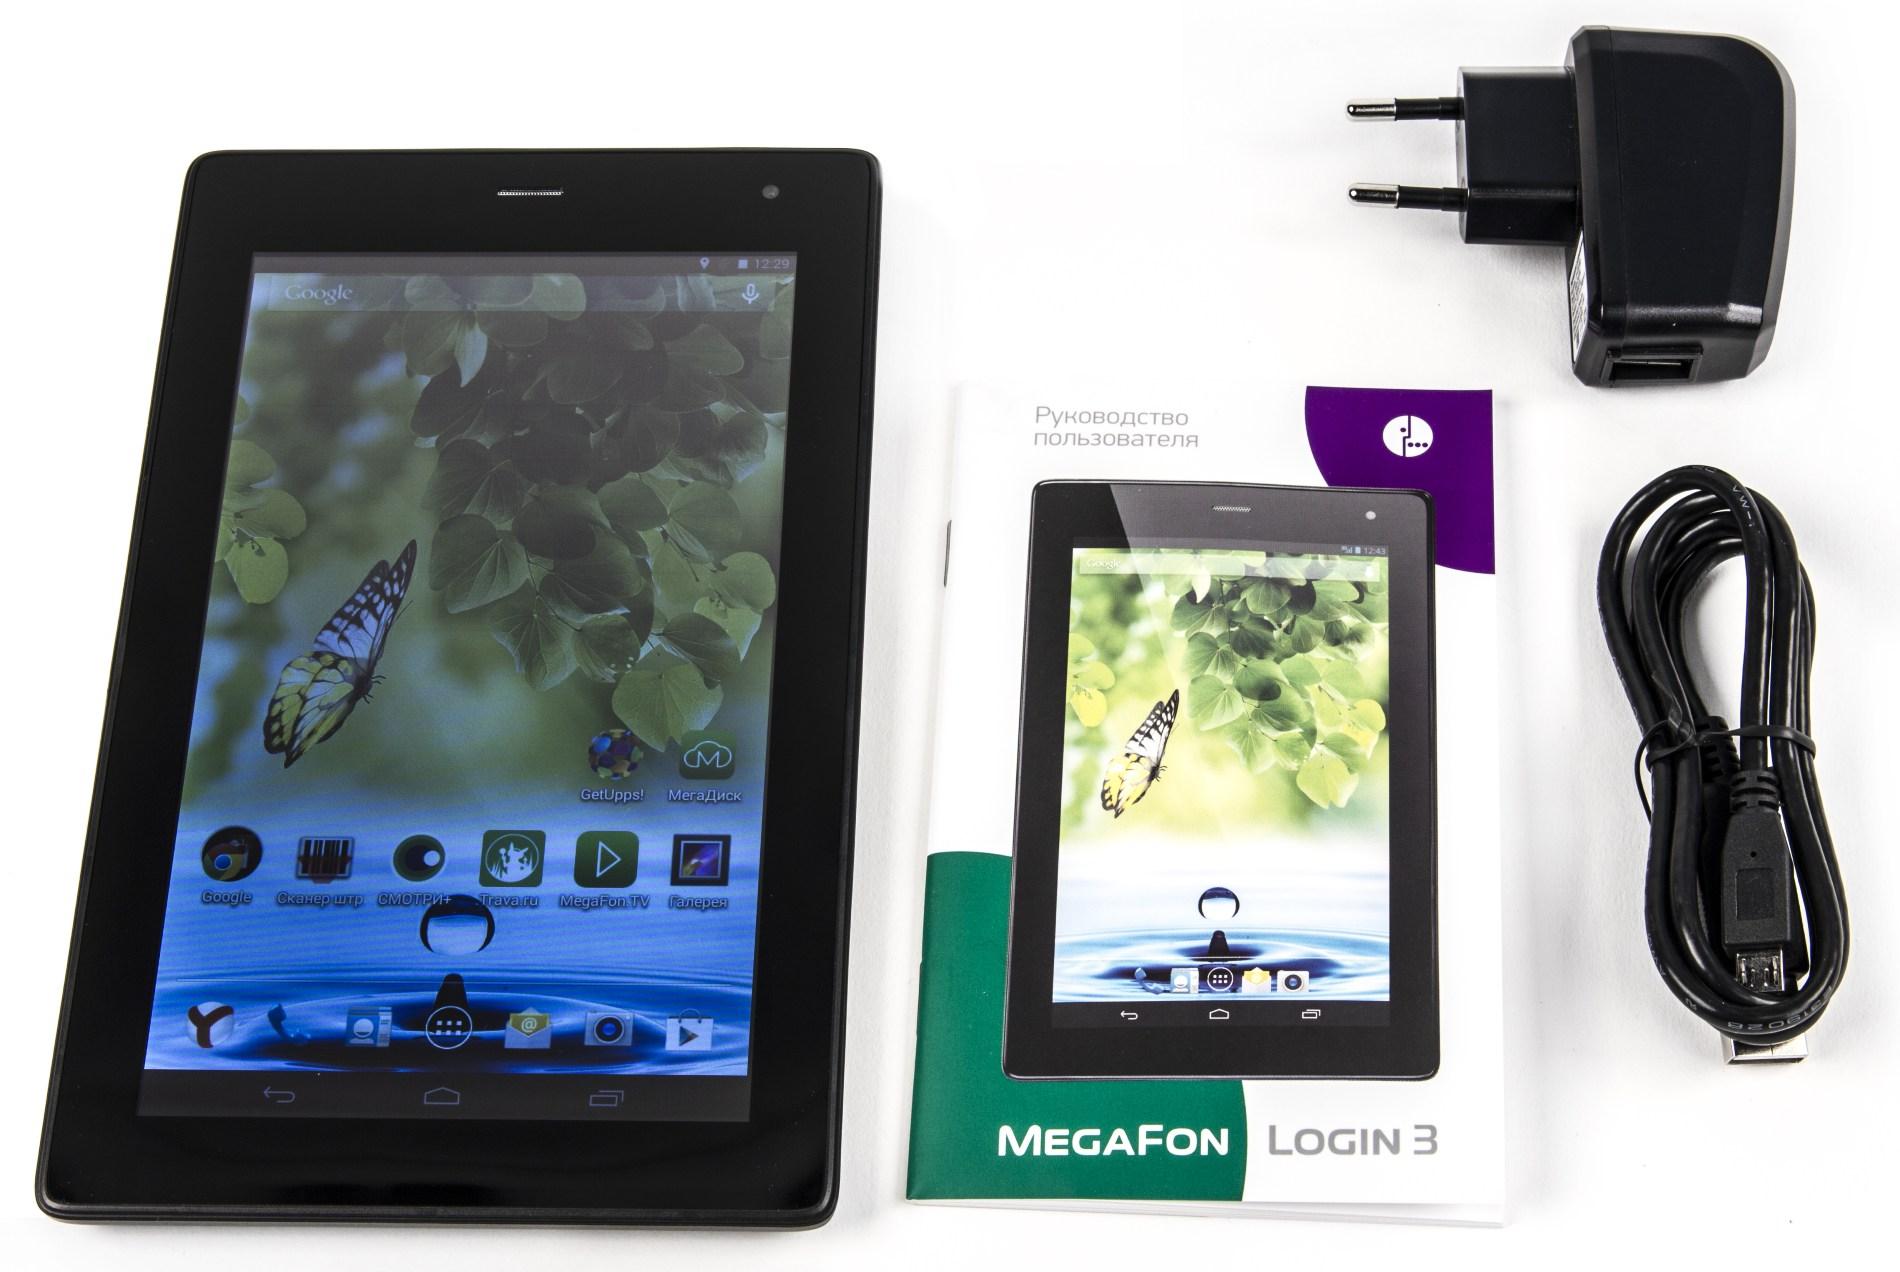 Что сделать чтобы смартфон Megafon Login 3 перестал перегреваться при зарядке